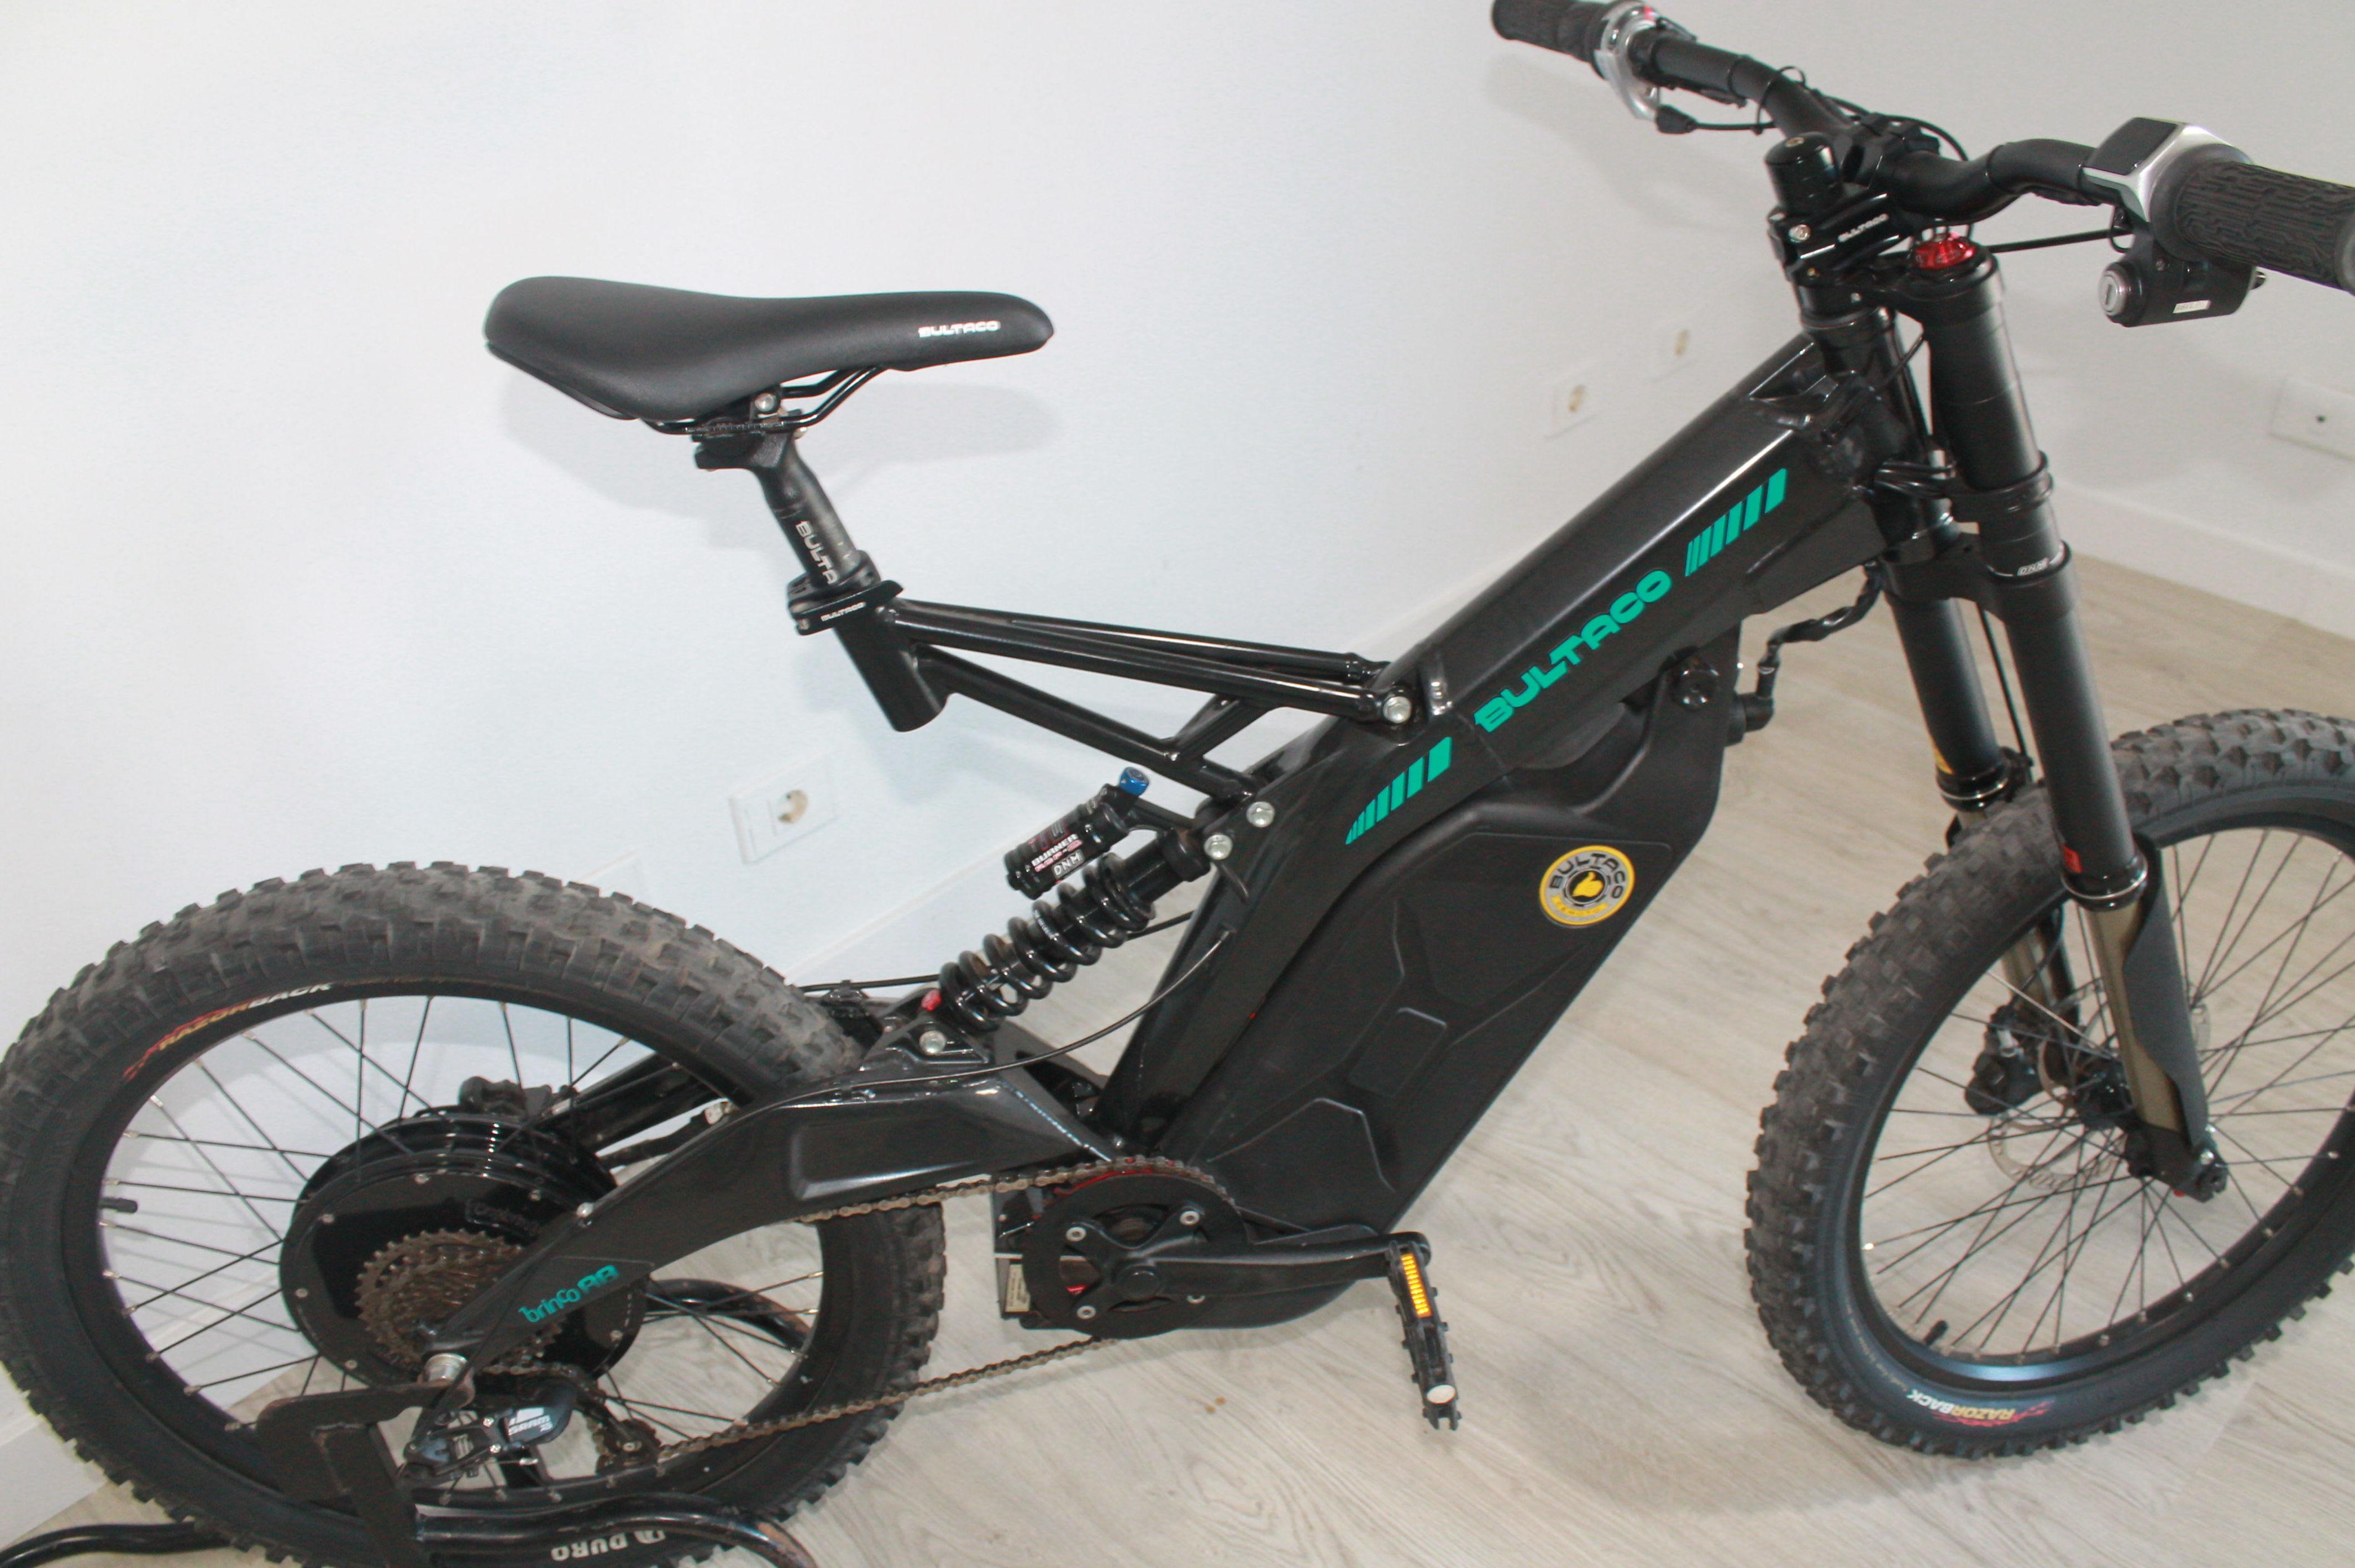 Bulatco Brinco Rb MODIFICADA 3.600 €: Productos de Bultaco & Bike Doctor